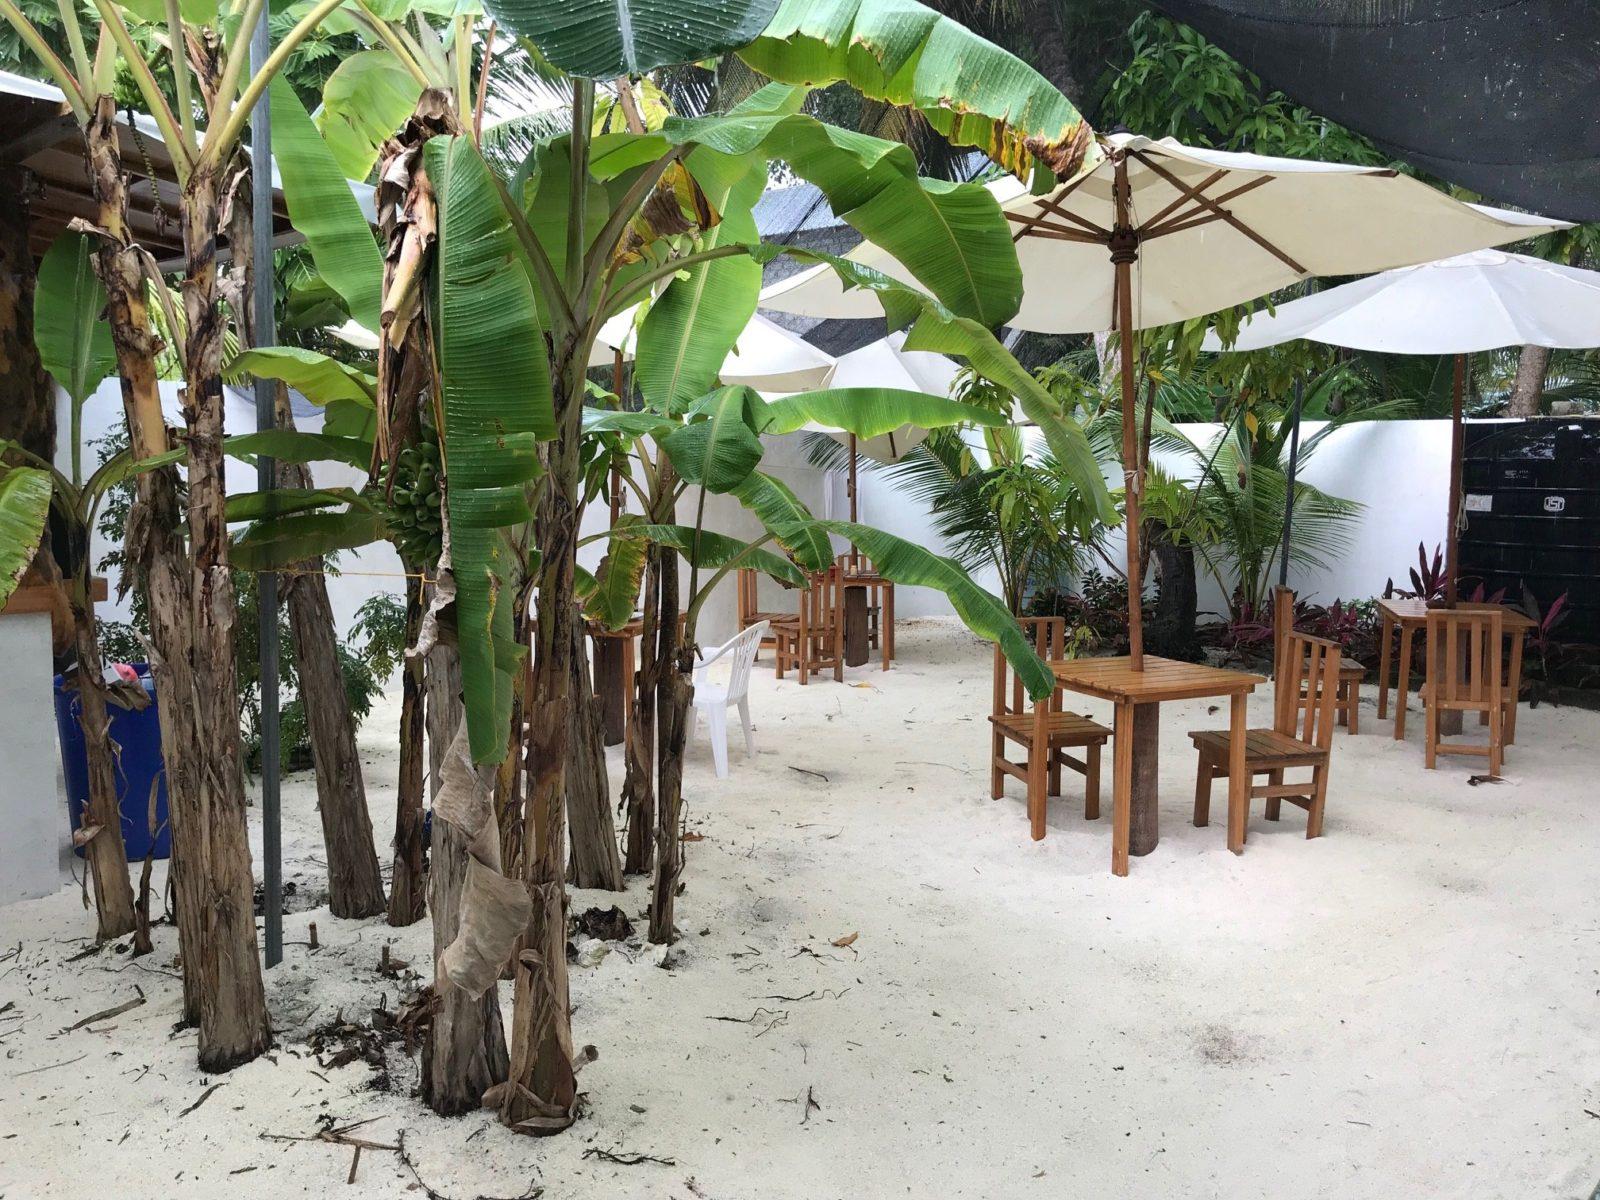 отель Mativeri Inn на Мальдивах, остров Мативери